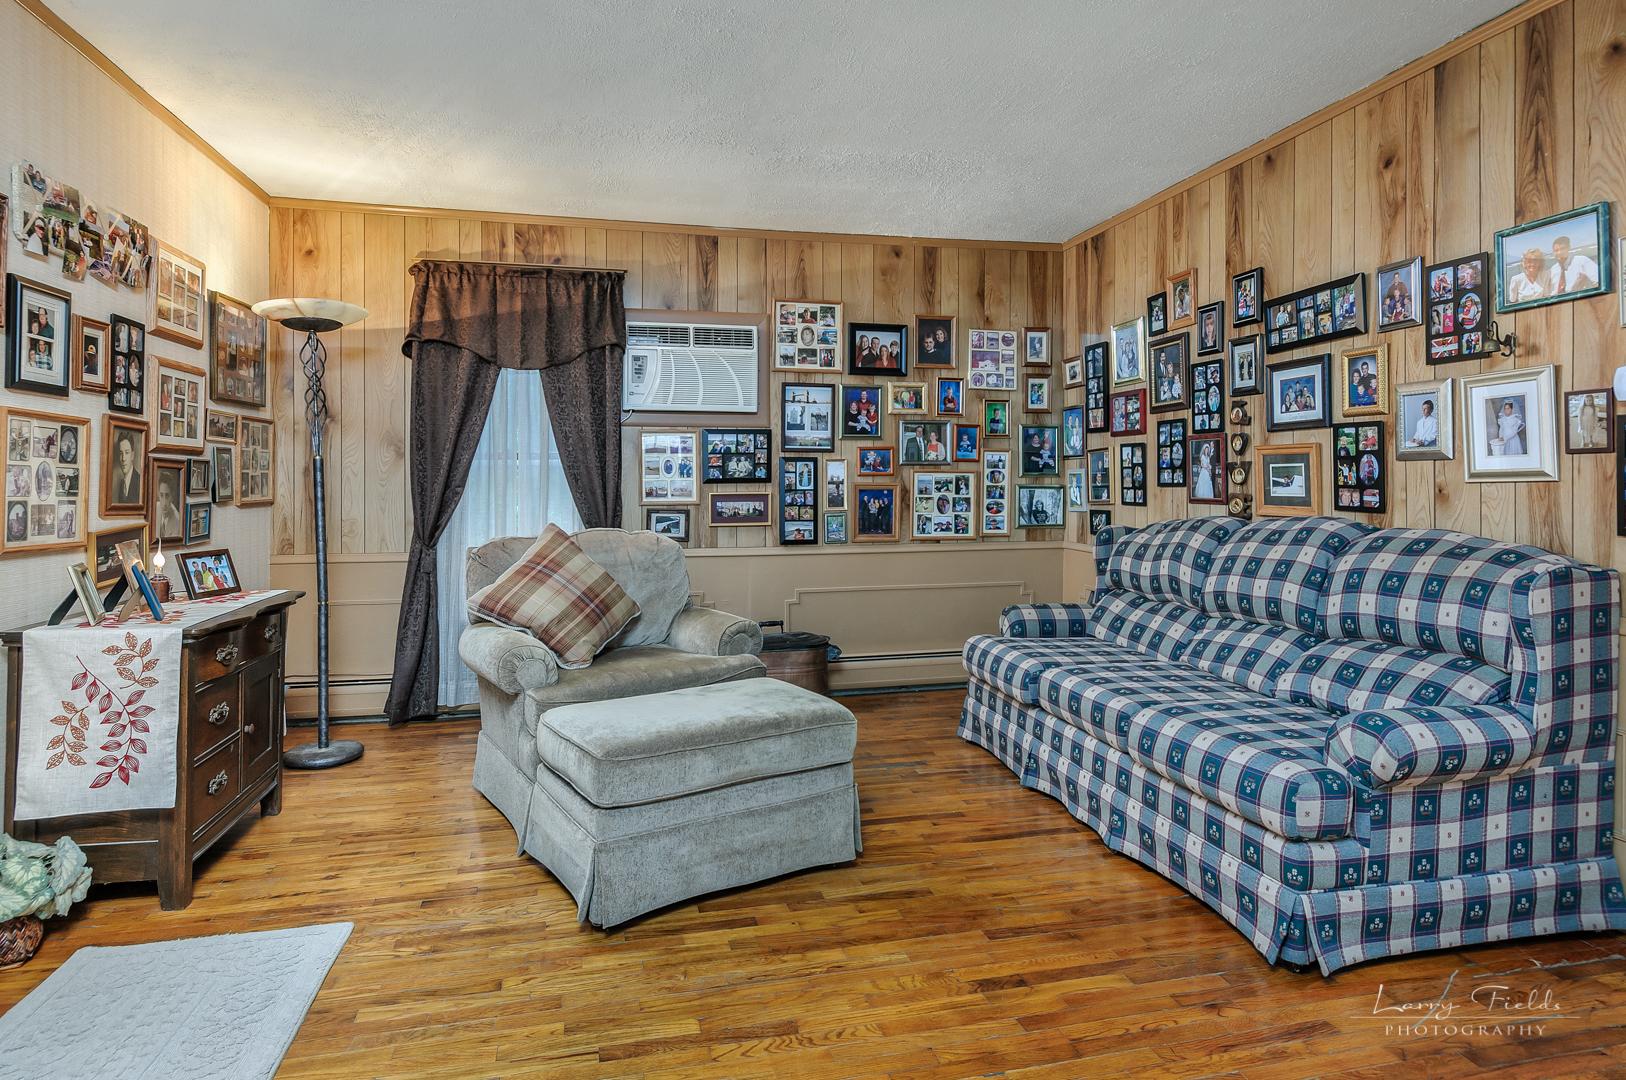 2508 42nd, Sheridan, Illinois, 60551